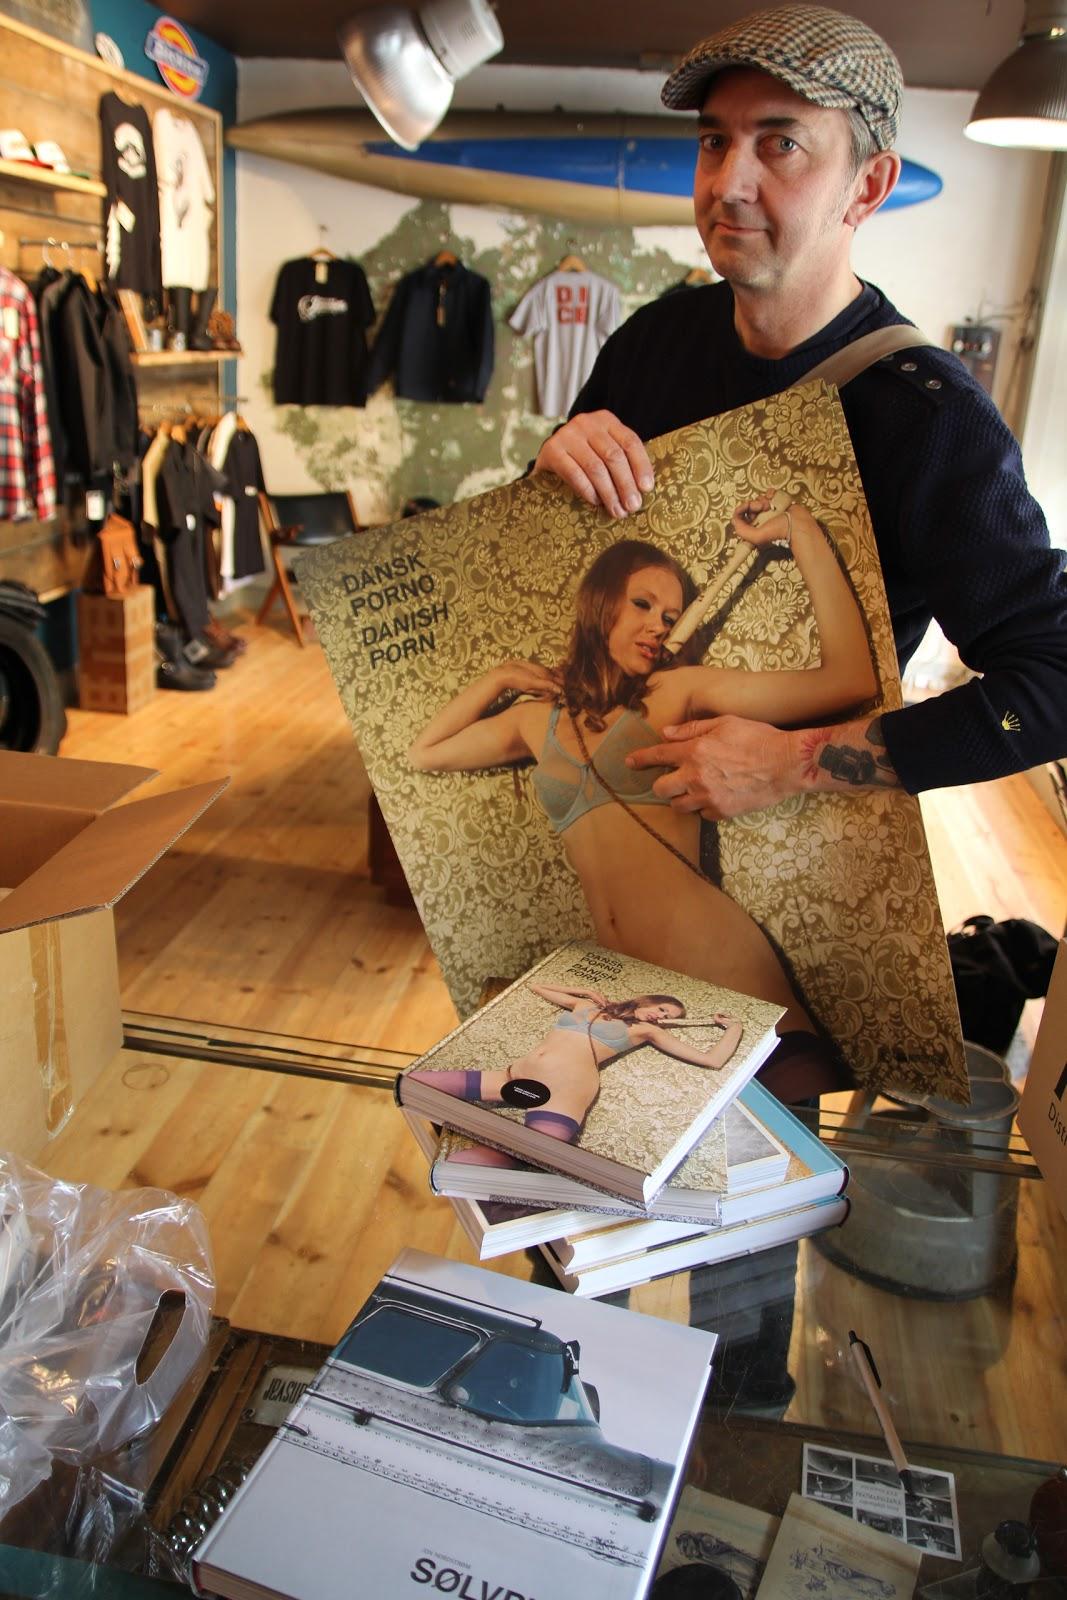 Danish Porn - New Book